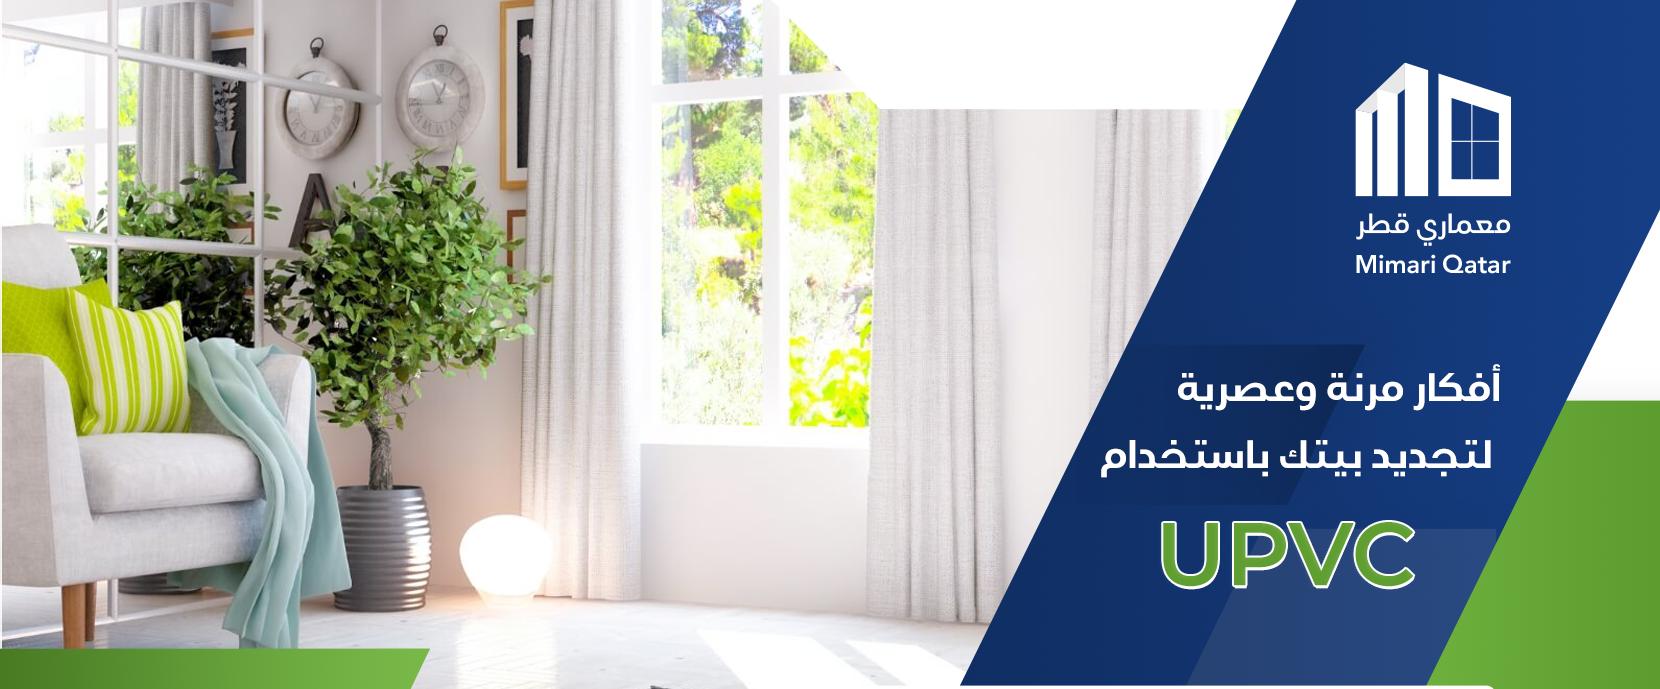 مميزات شبابيك UPVC والأبواب لمنزلك - مدونة معماري قطر